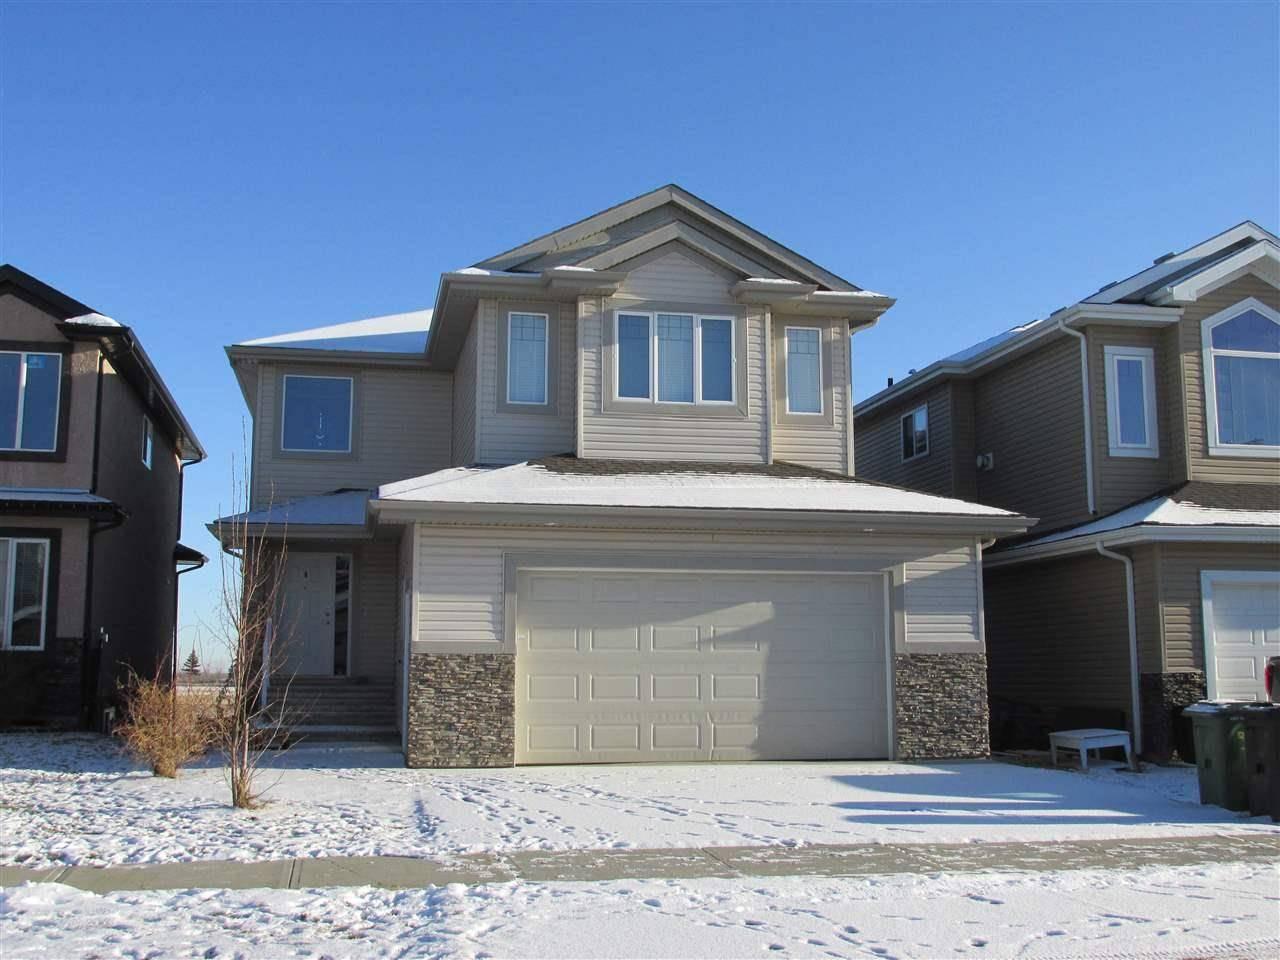 House for sale at 140 Bremner Cres Fort Saskatchewan Alberta - MLS: E4181324